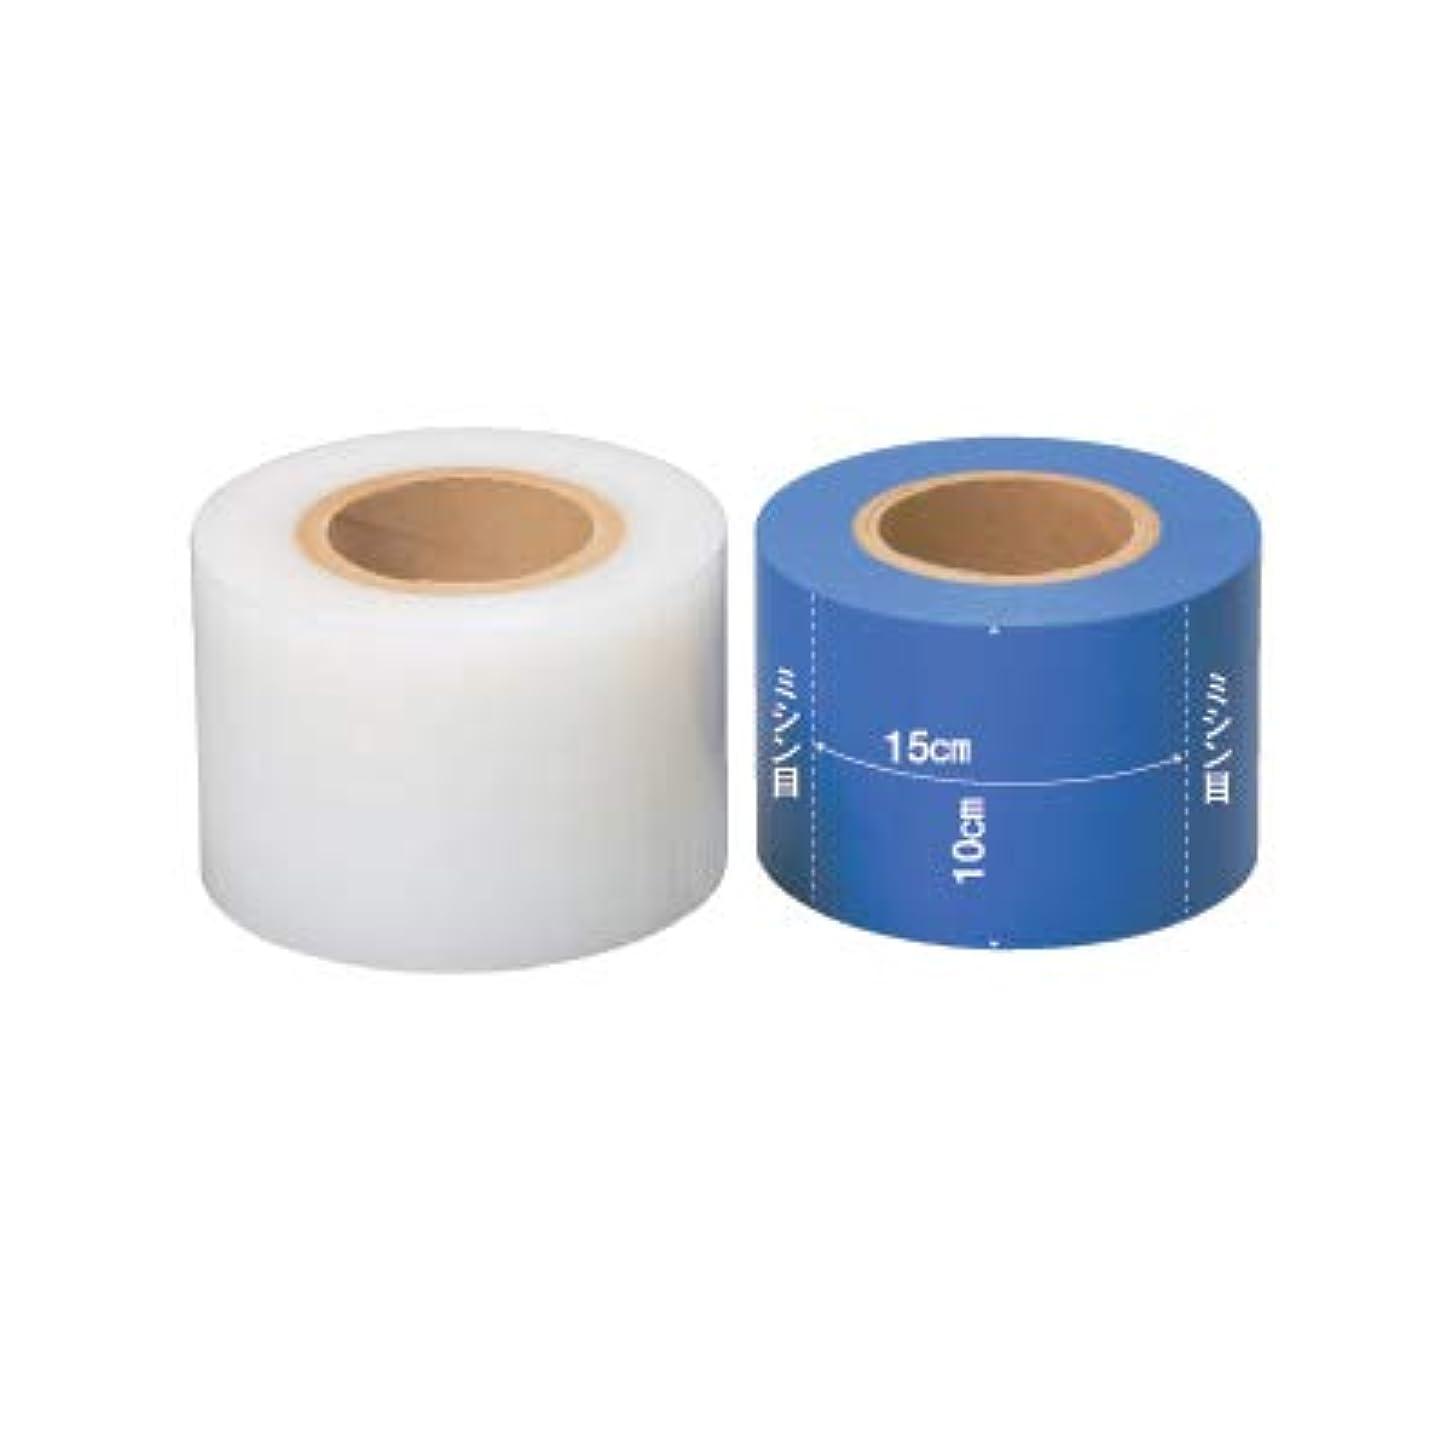 省略する溶接邪悪な(ロータス)LOTUS バリアフィルムテープ 10cm×180m (保護用テープ ミシン目あり) (透明)